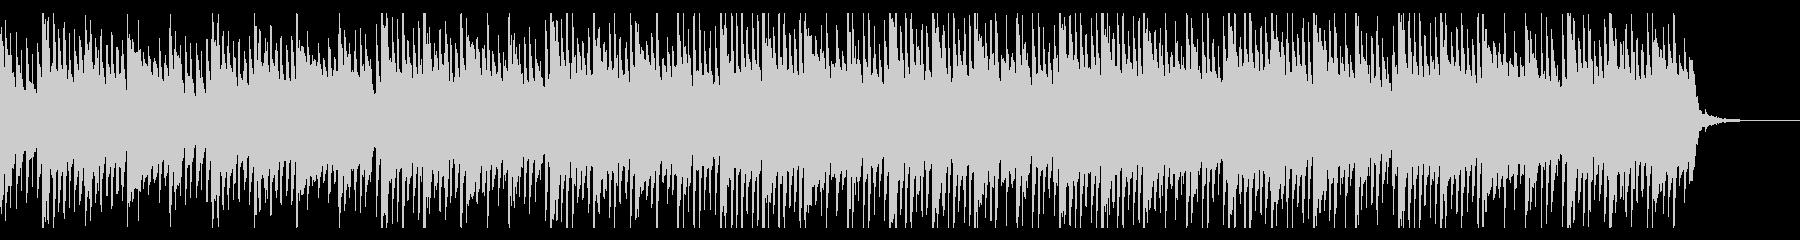 ドキュメンタリー(ドラムなし)の未再生の波形